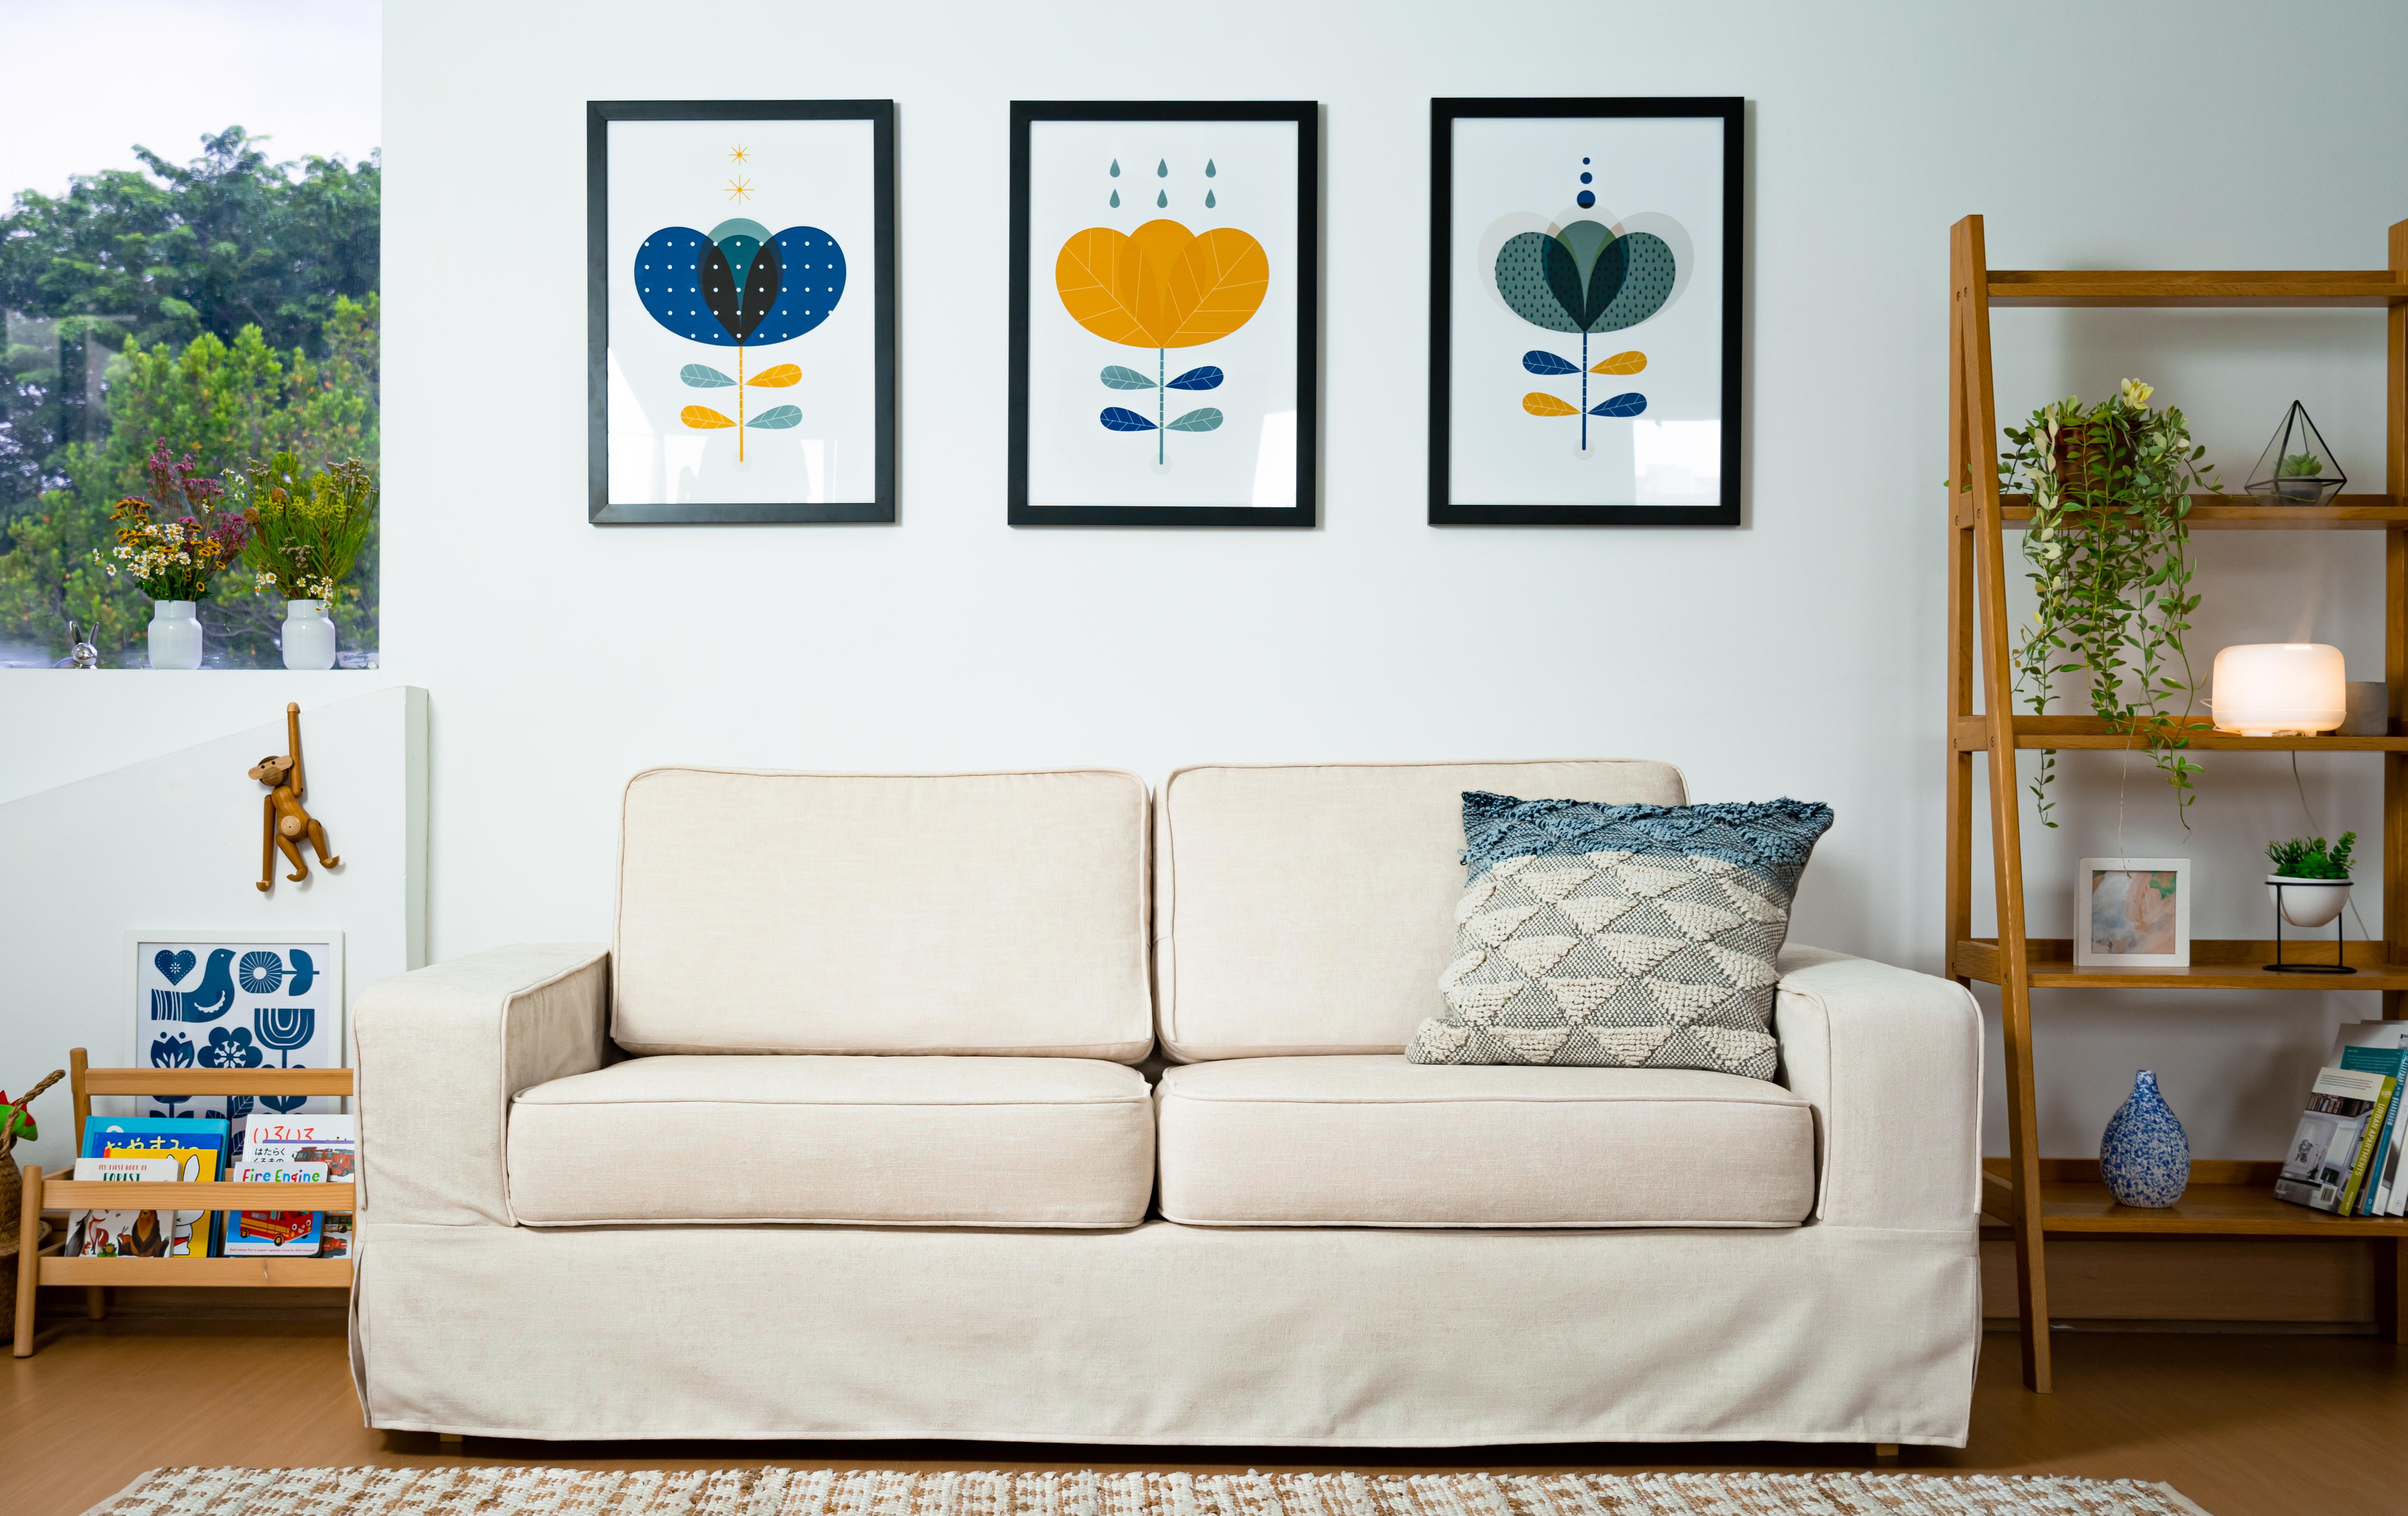 カラーバリエーションも豊富なので、お部屋のイメージにあった色をお選び頂けます。